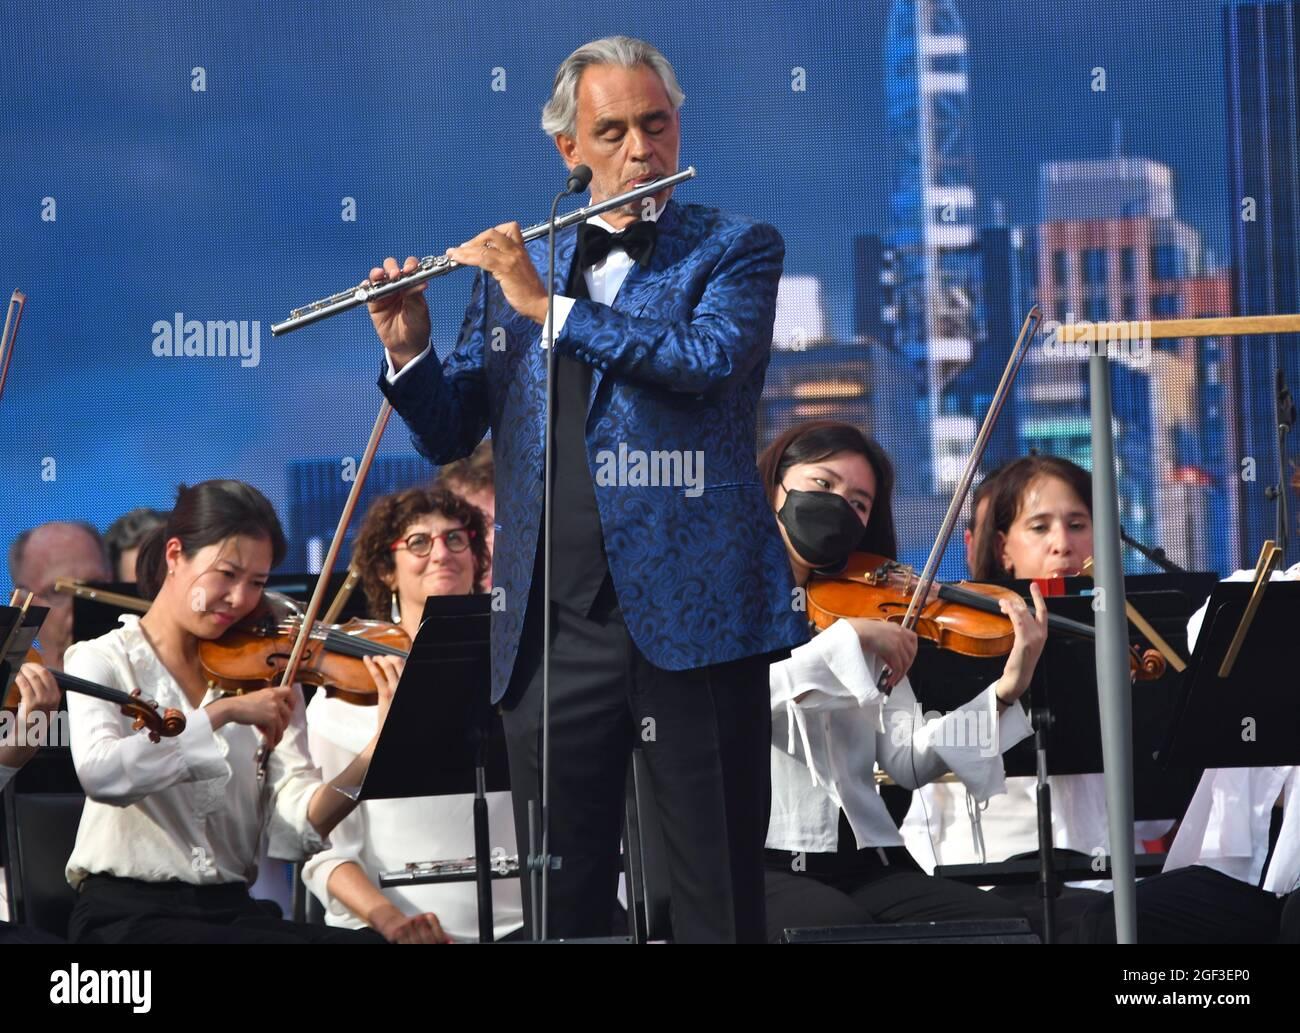 NEW YORK, NEW YORK - AGOSTO 21: Andrea Bocelli suona sul palco della New York Philharmonic durante We Love NYC: The Homecoming Concert prodotto da NYC, Clive Davis e Live Nation il 21 agosto 2021 a New York City. (Foto di John Atashian) Foto Stock